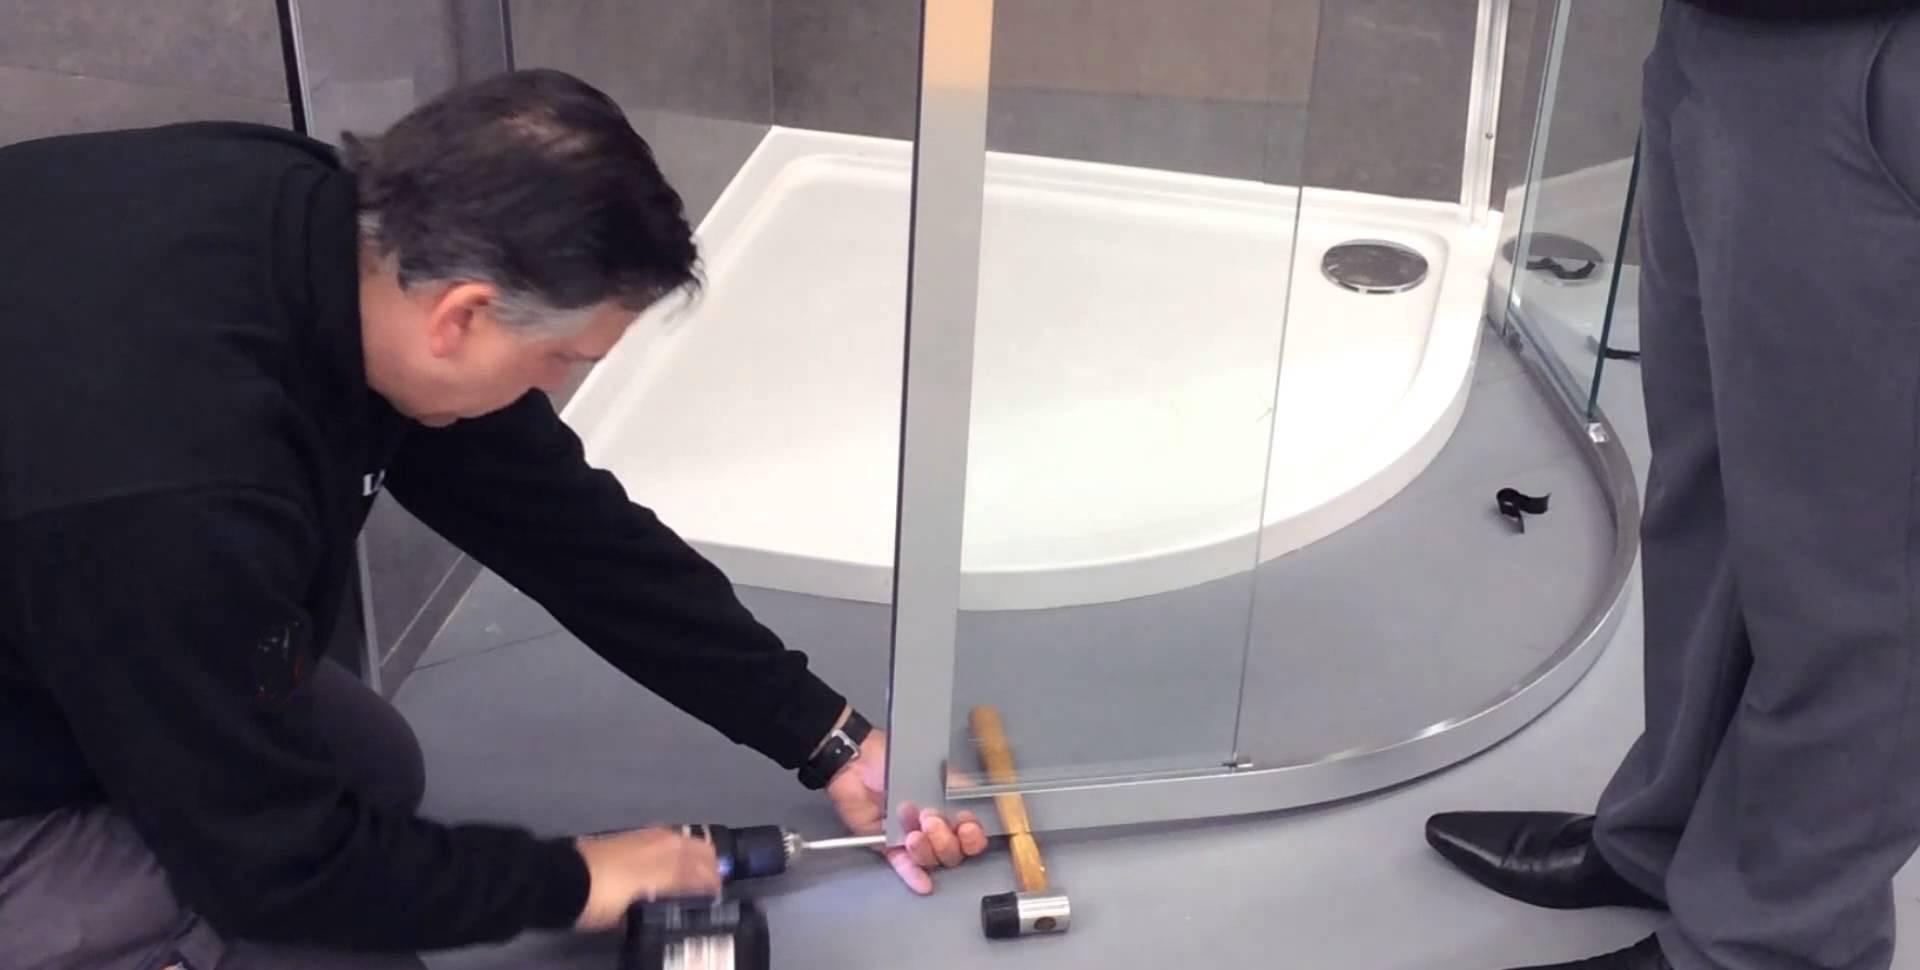 Ремонт душевого поддона: пошаговая инструкция по заделке трещин и сколов в поддонах из разных материалов